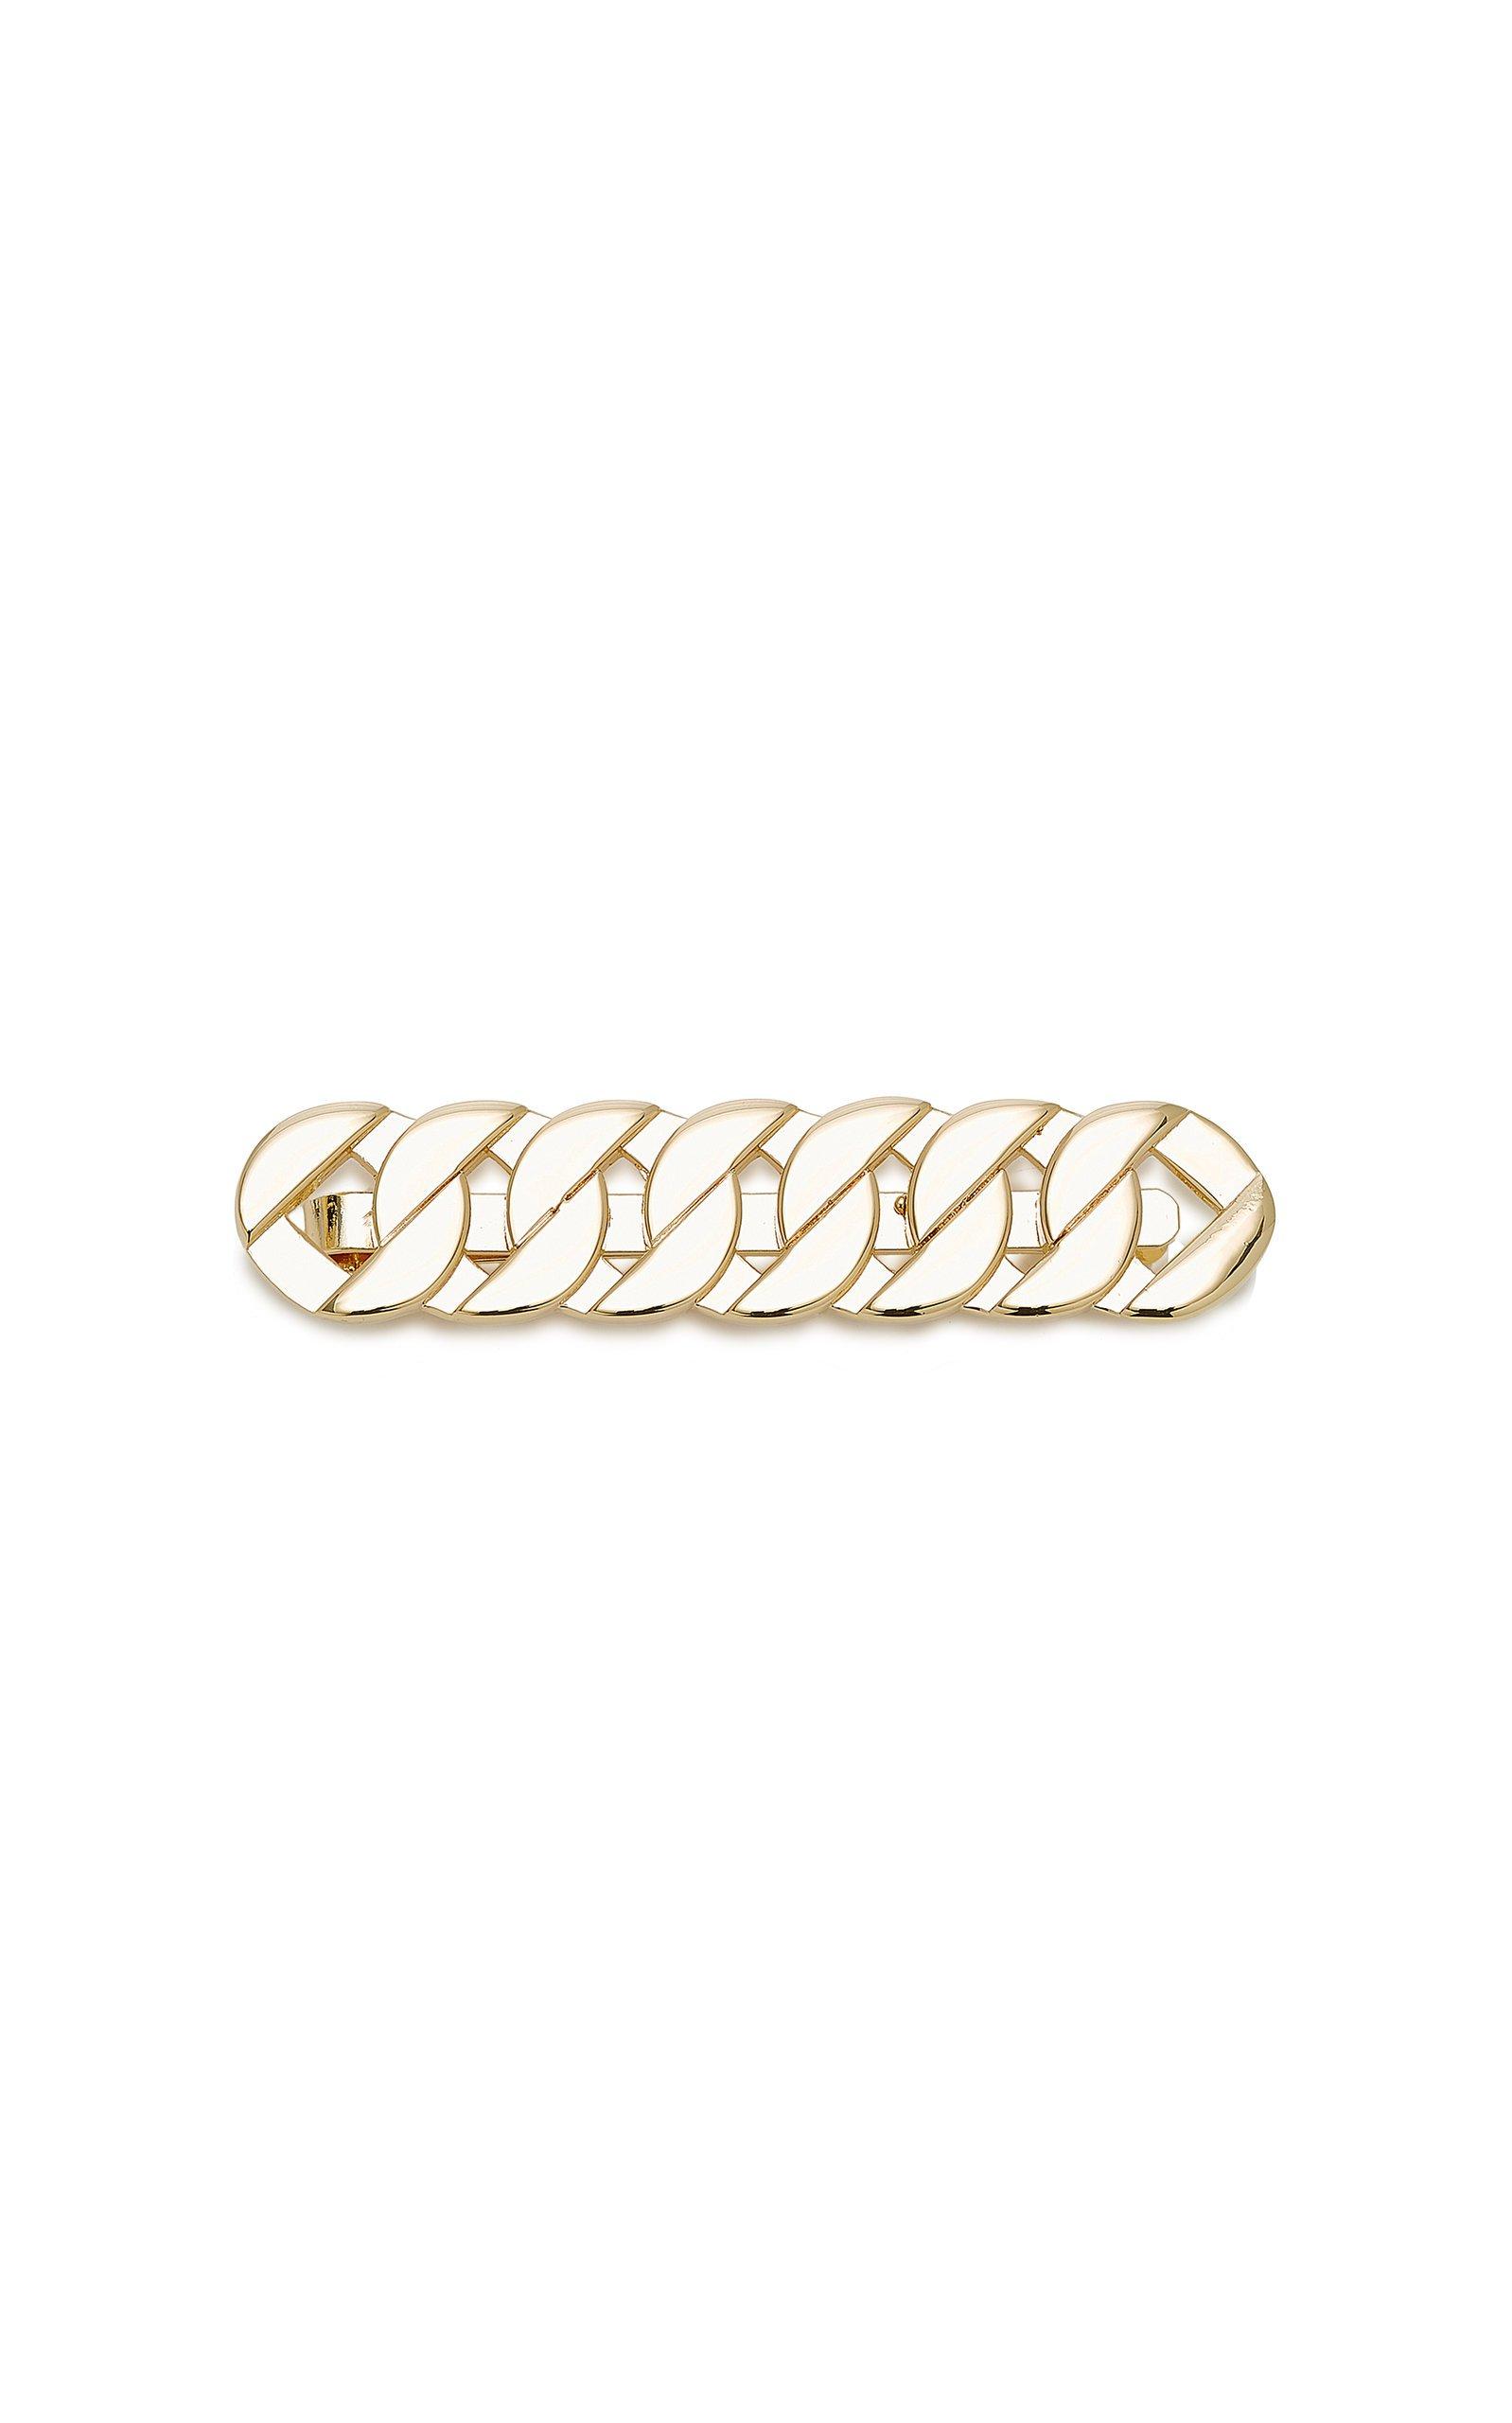 Saskia Diez Grand Gold-Plated Hair Clip